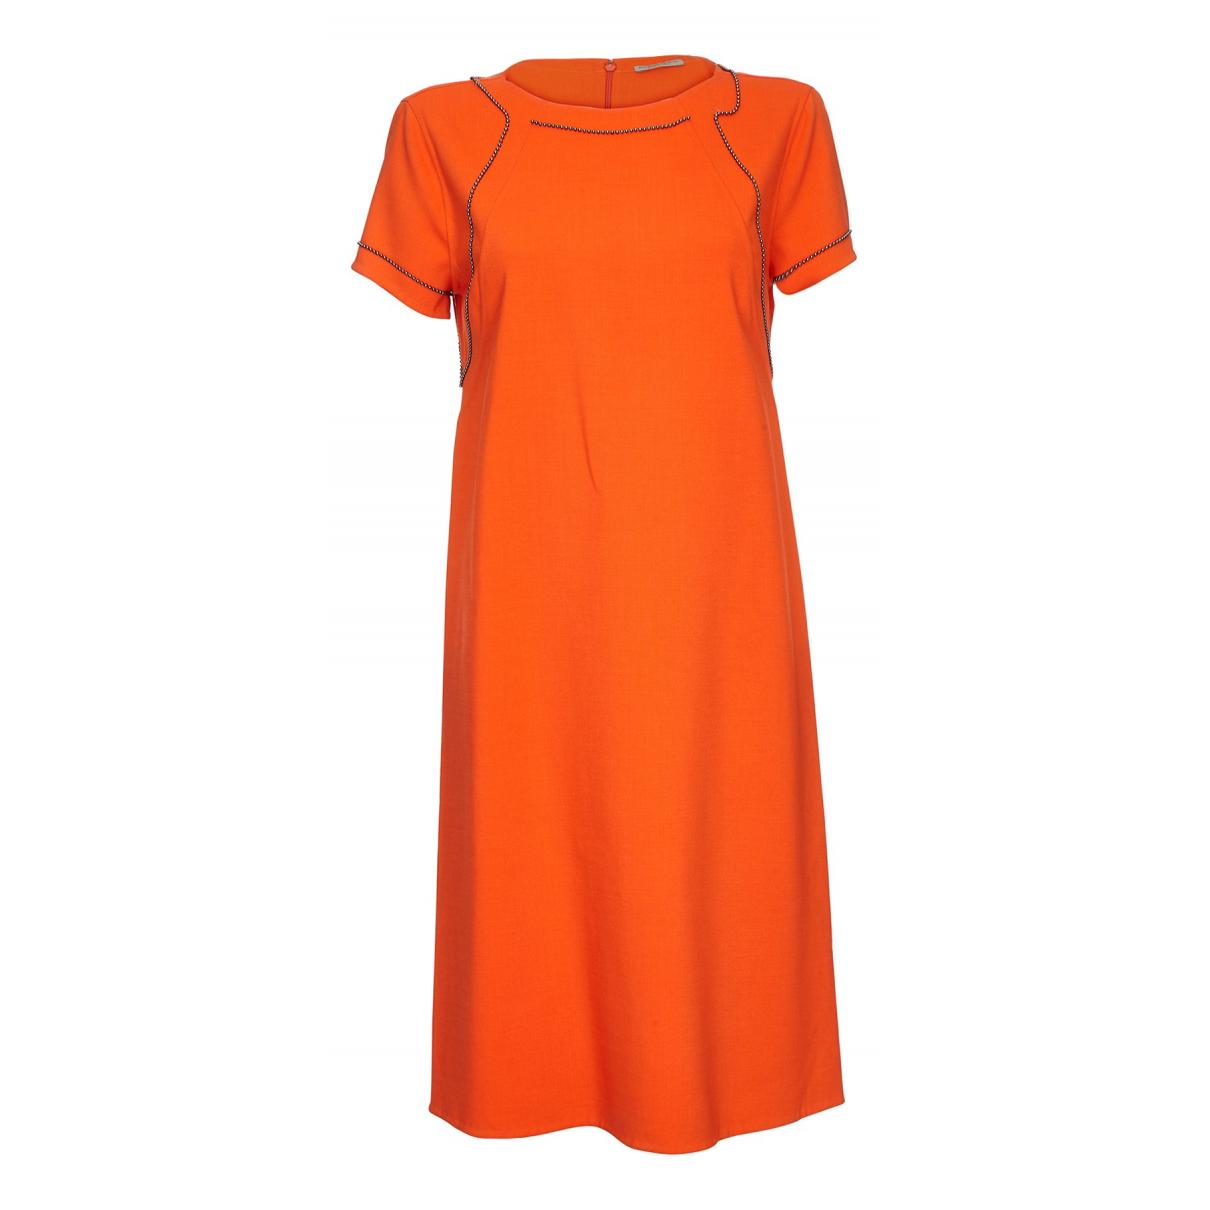 Bottega Veneta \N Kleid in  Orange Baumwolle